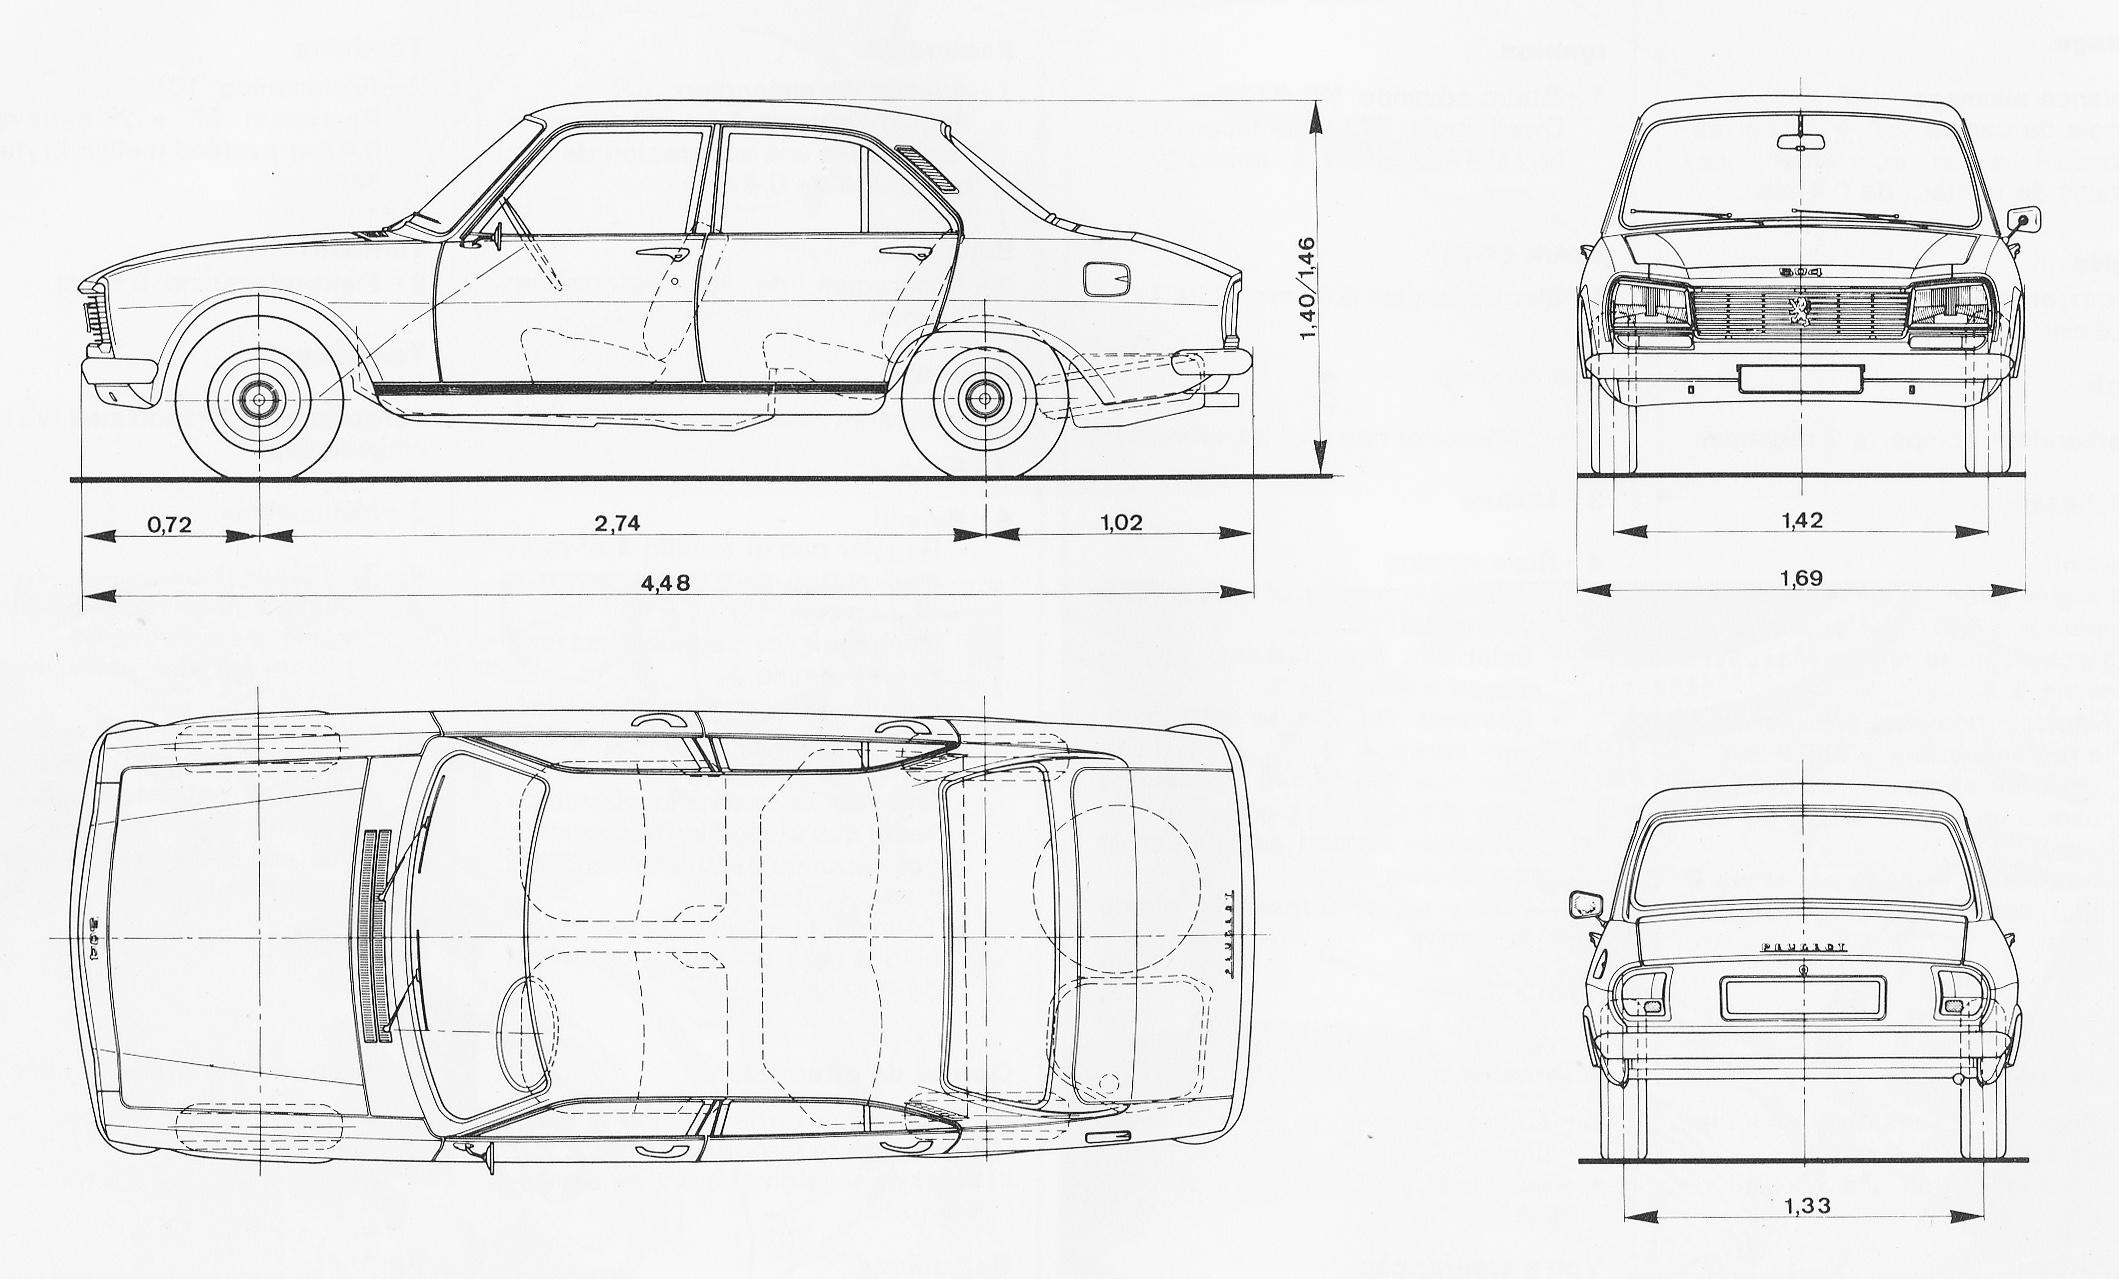 Peugeot 504 Blueprint Download Free Blueprint For 3d Modeling